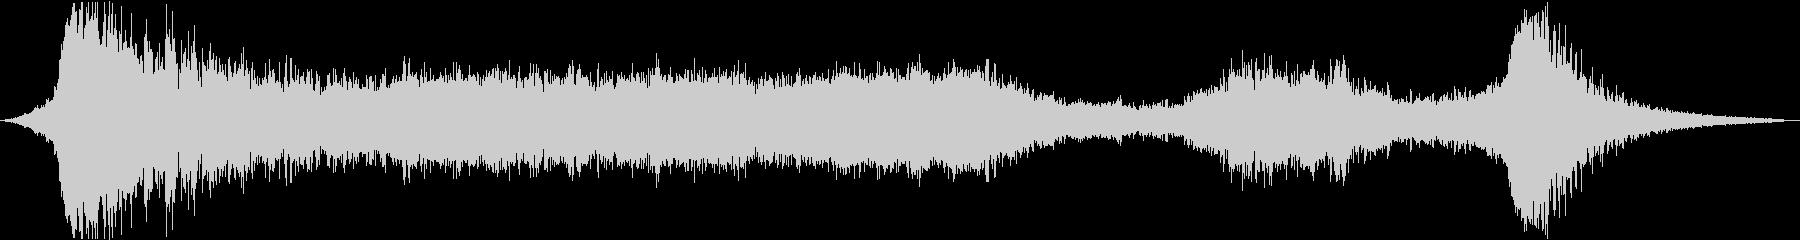 【ホラー】 シーン 「凛音」の未再生の波形